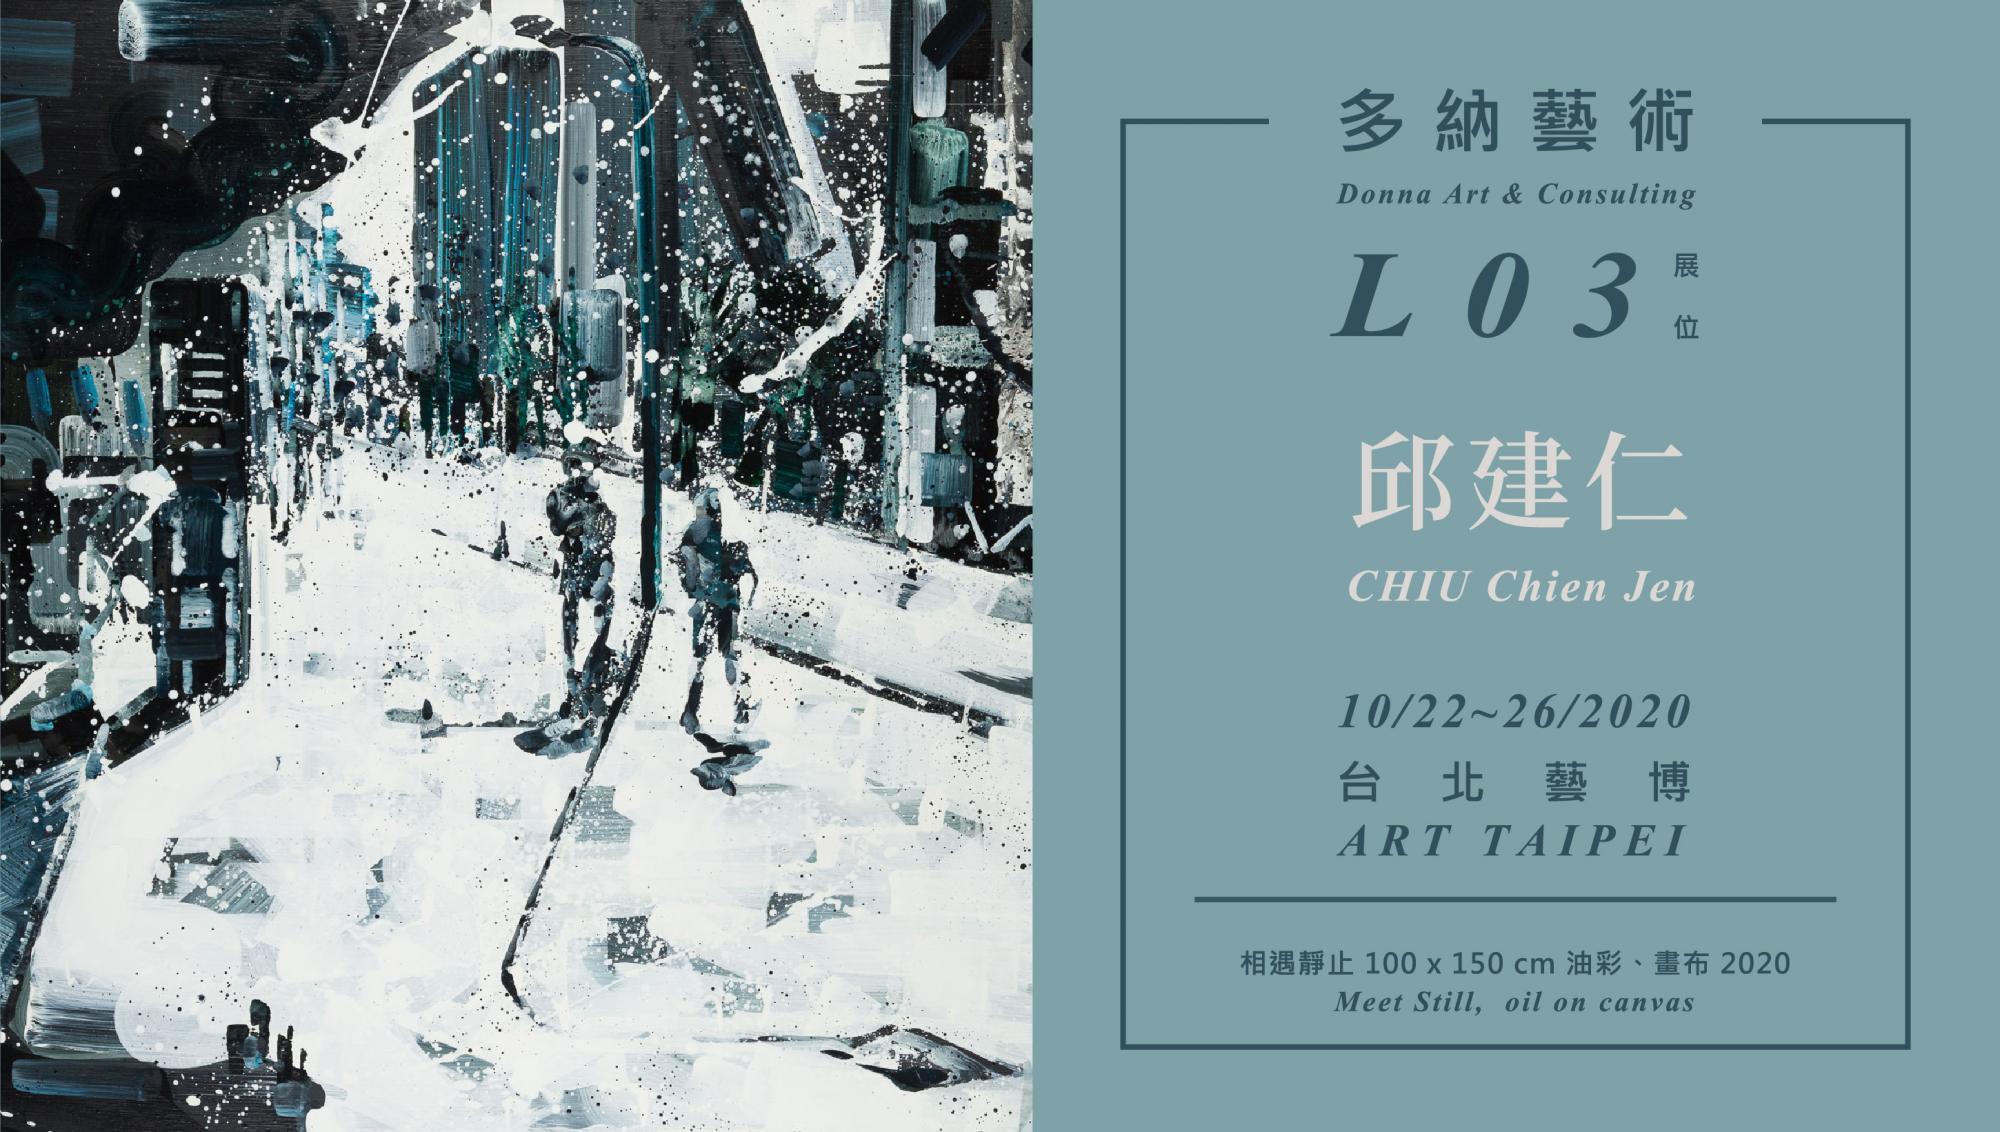 Art Taipei CHIU Chien Jen.jpg